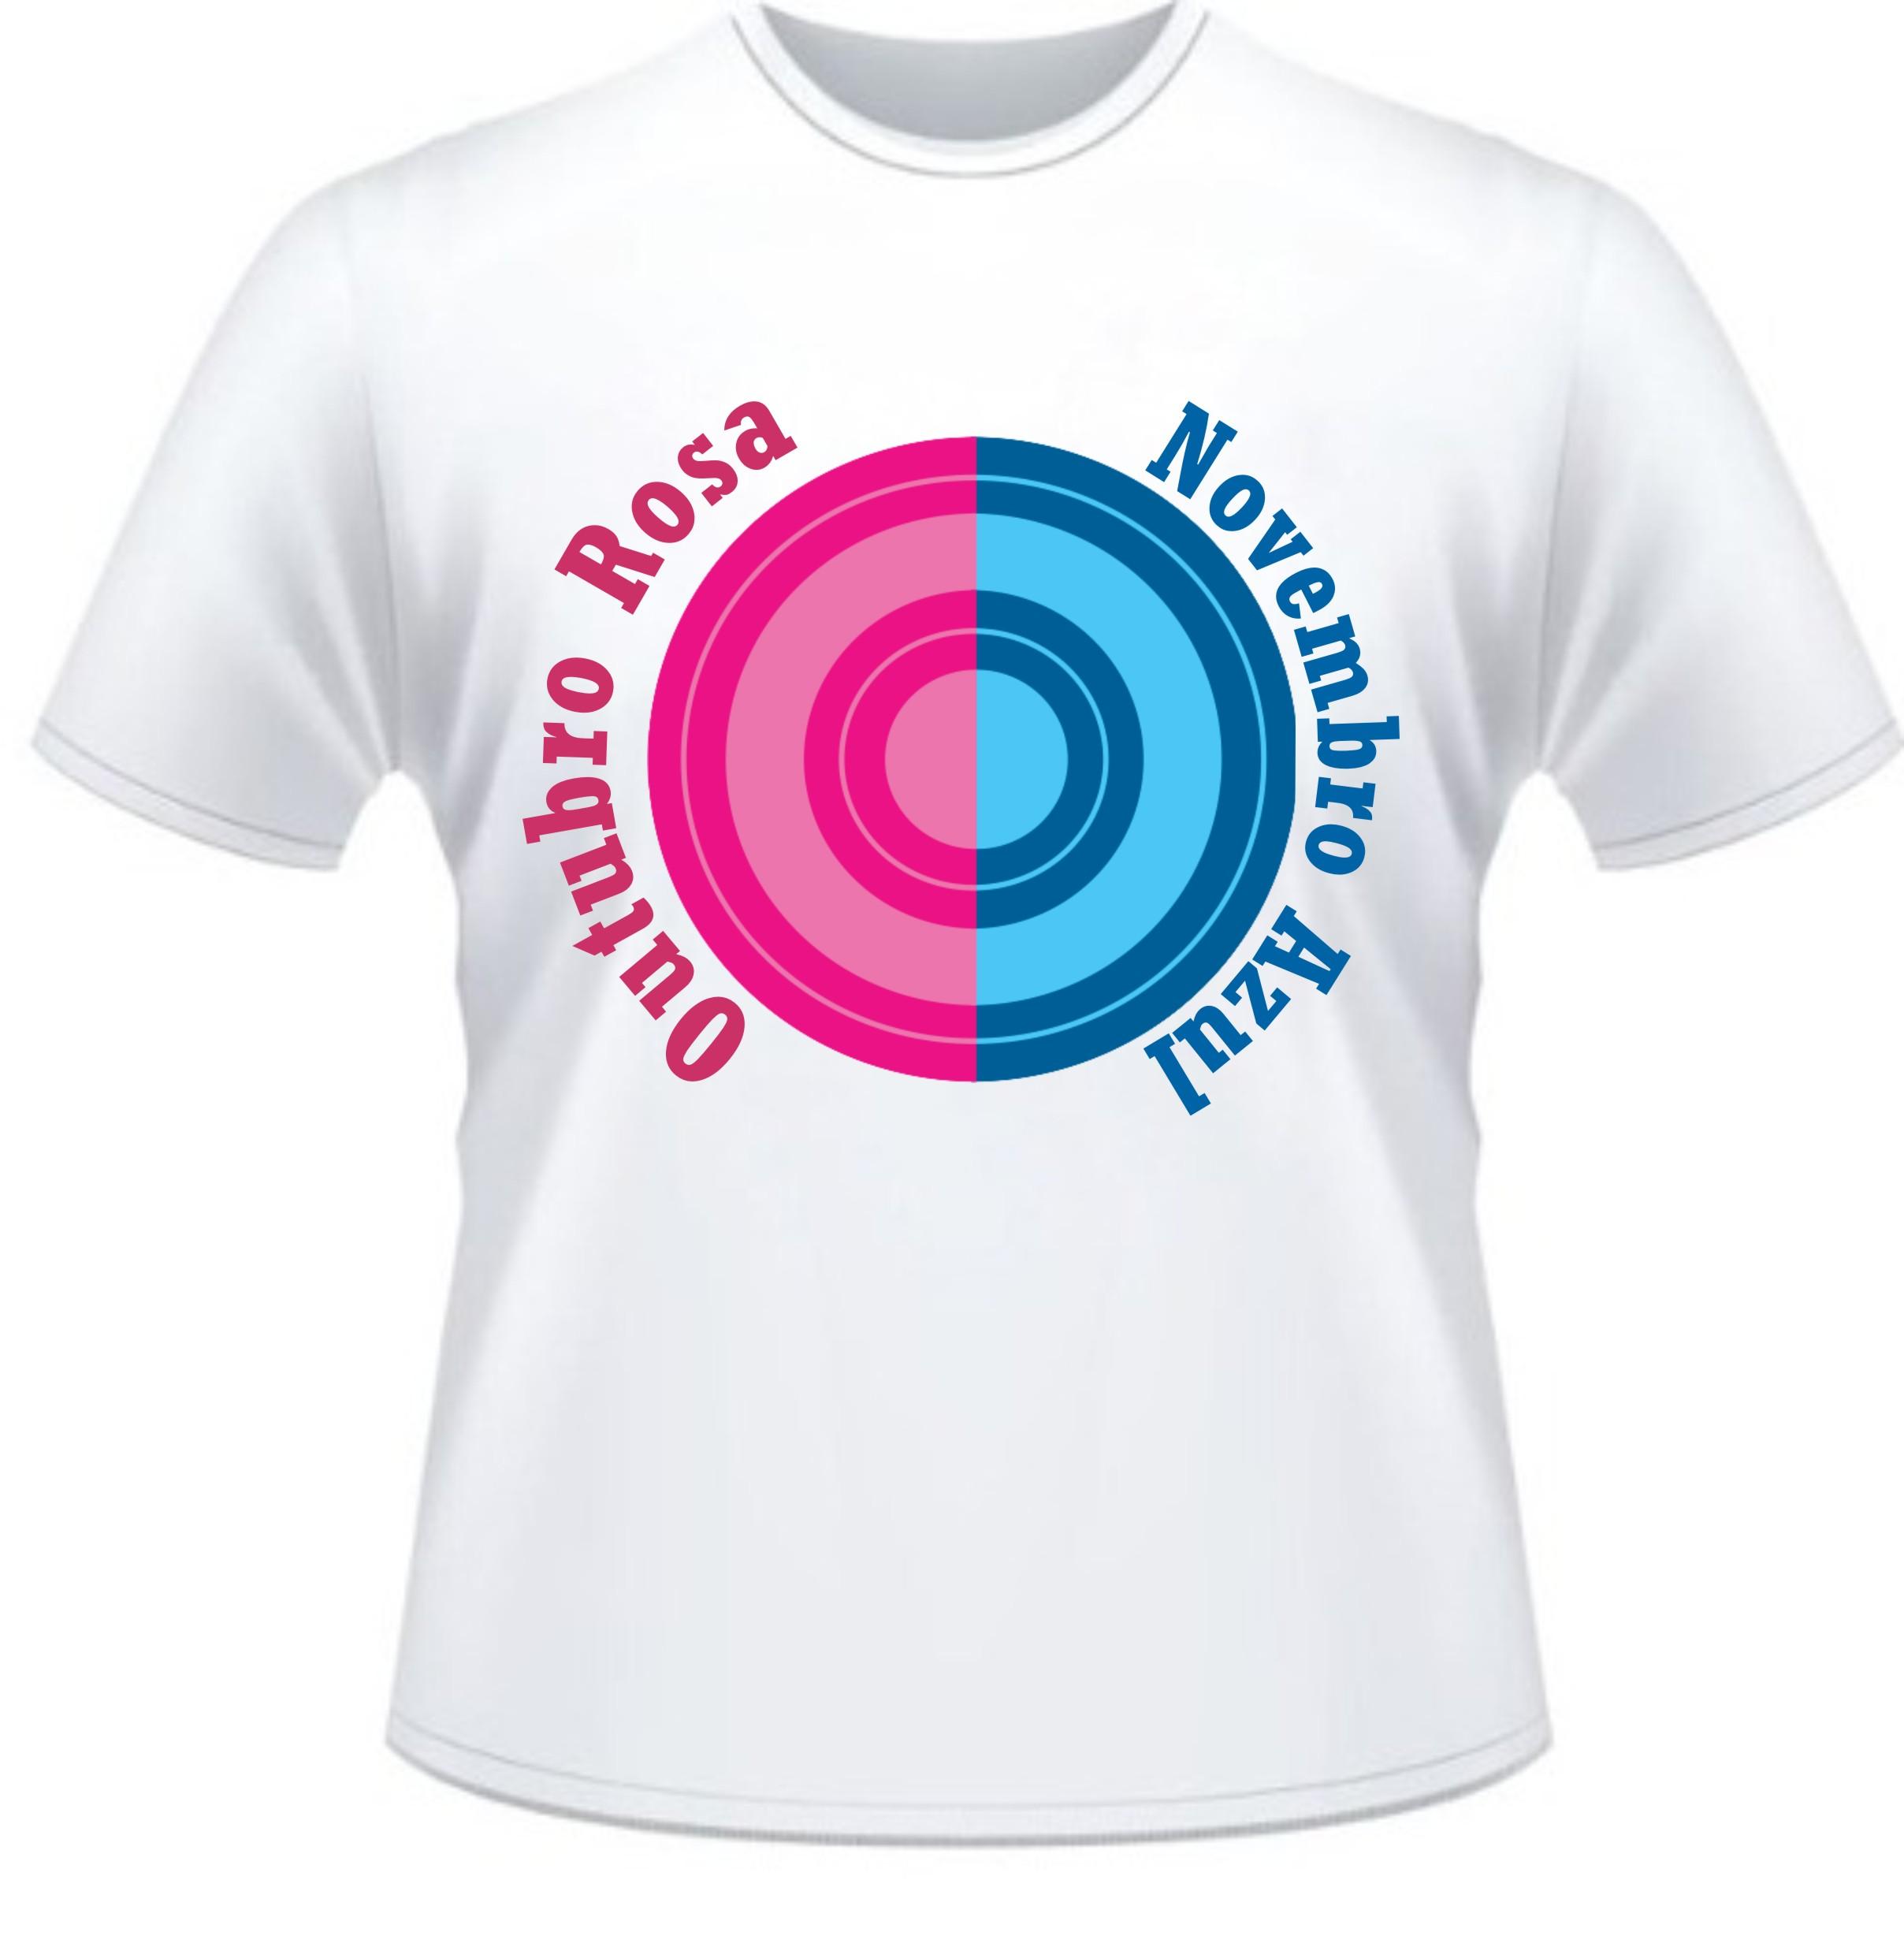 Camiseta Outubro Rosa  4a4ece8e601